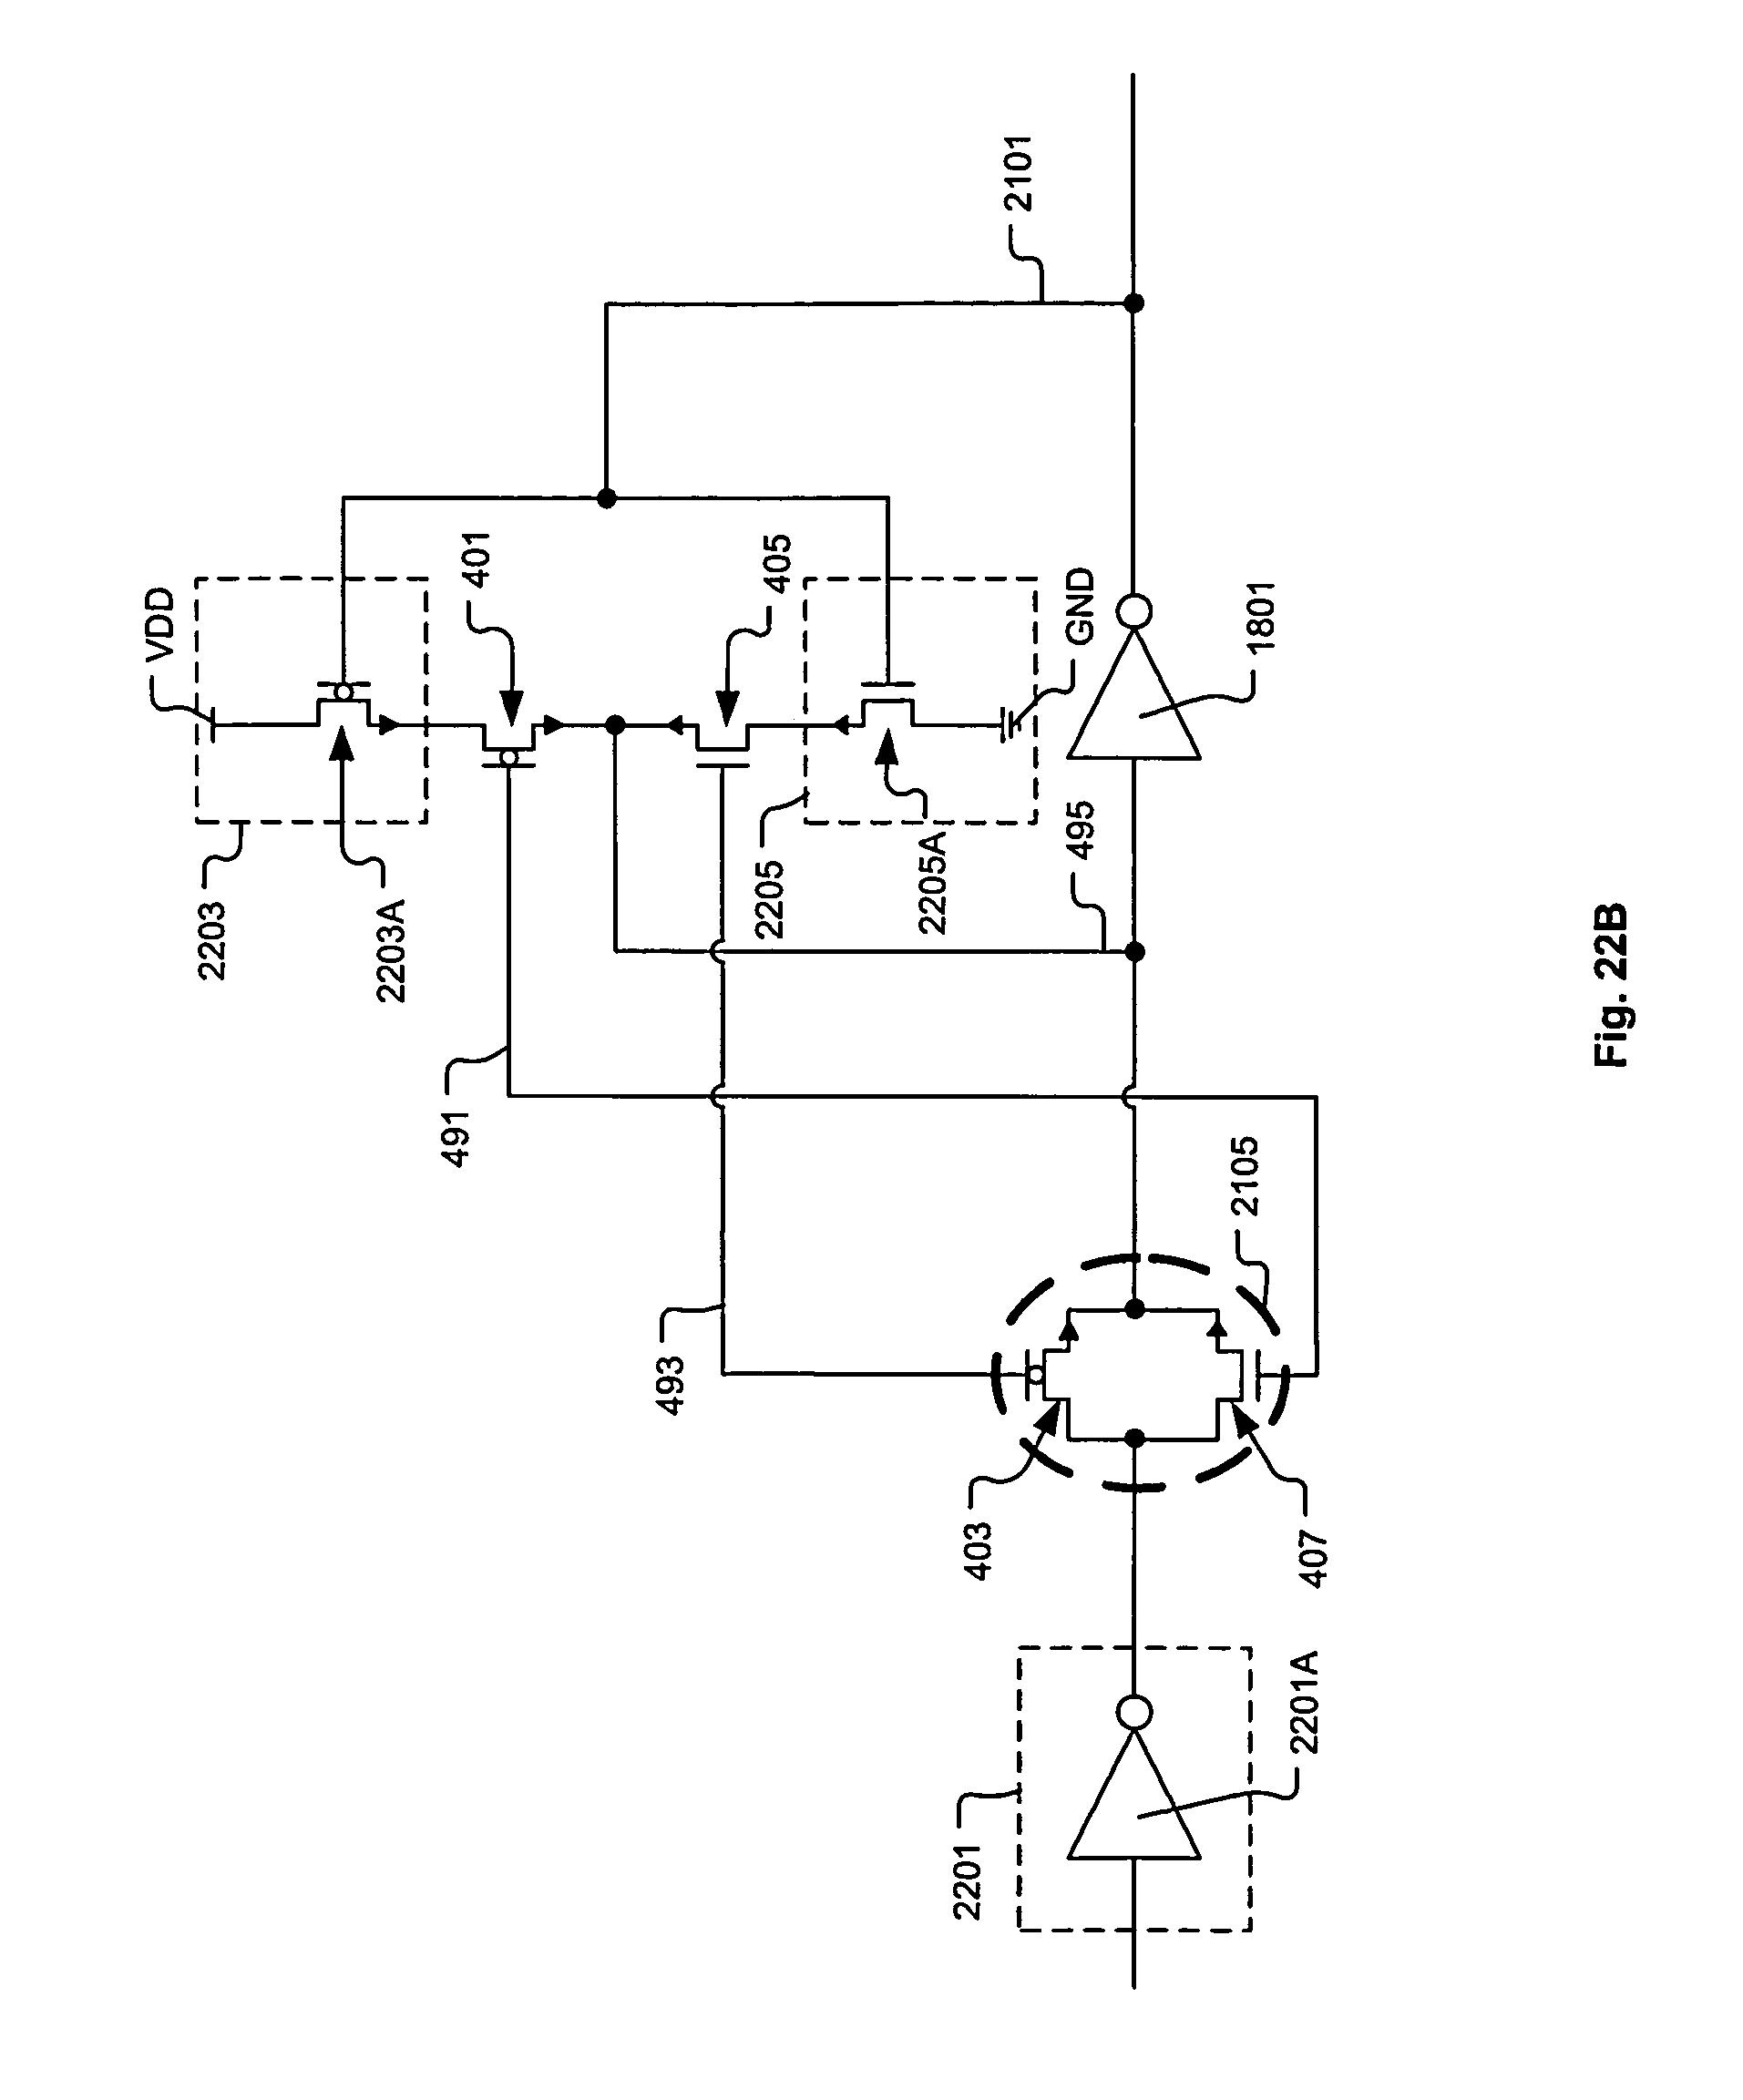 patent us8729606